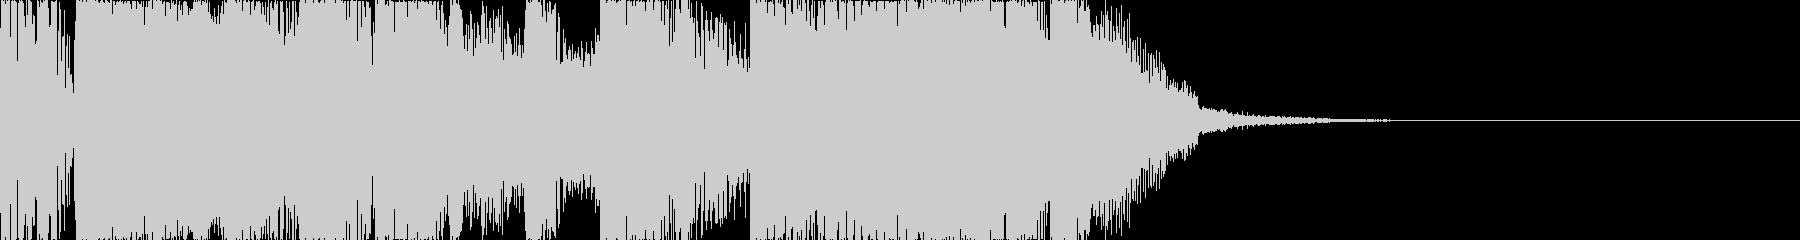 コミカルなアタックの未再生の波形